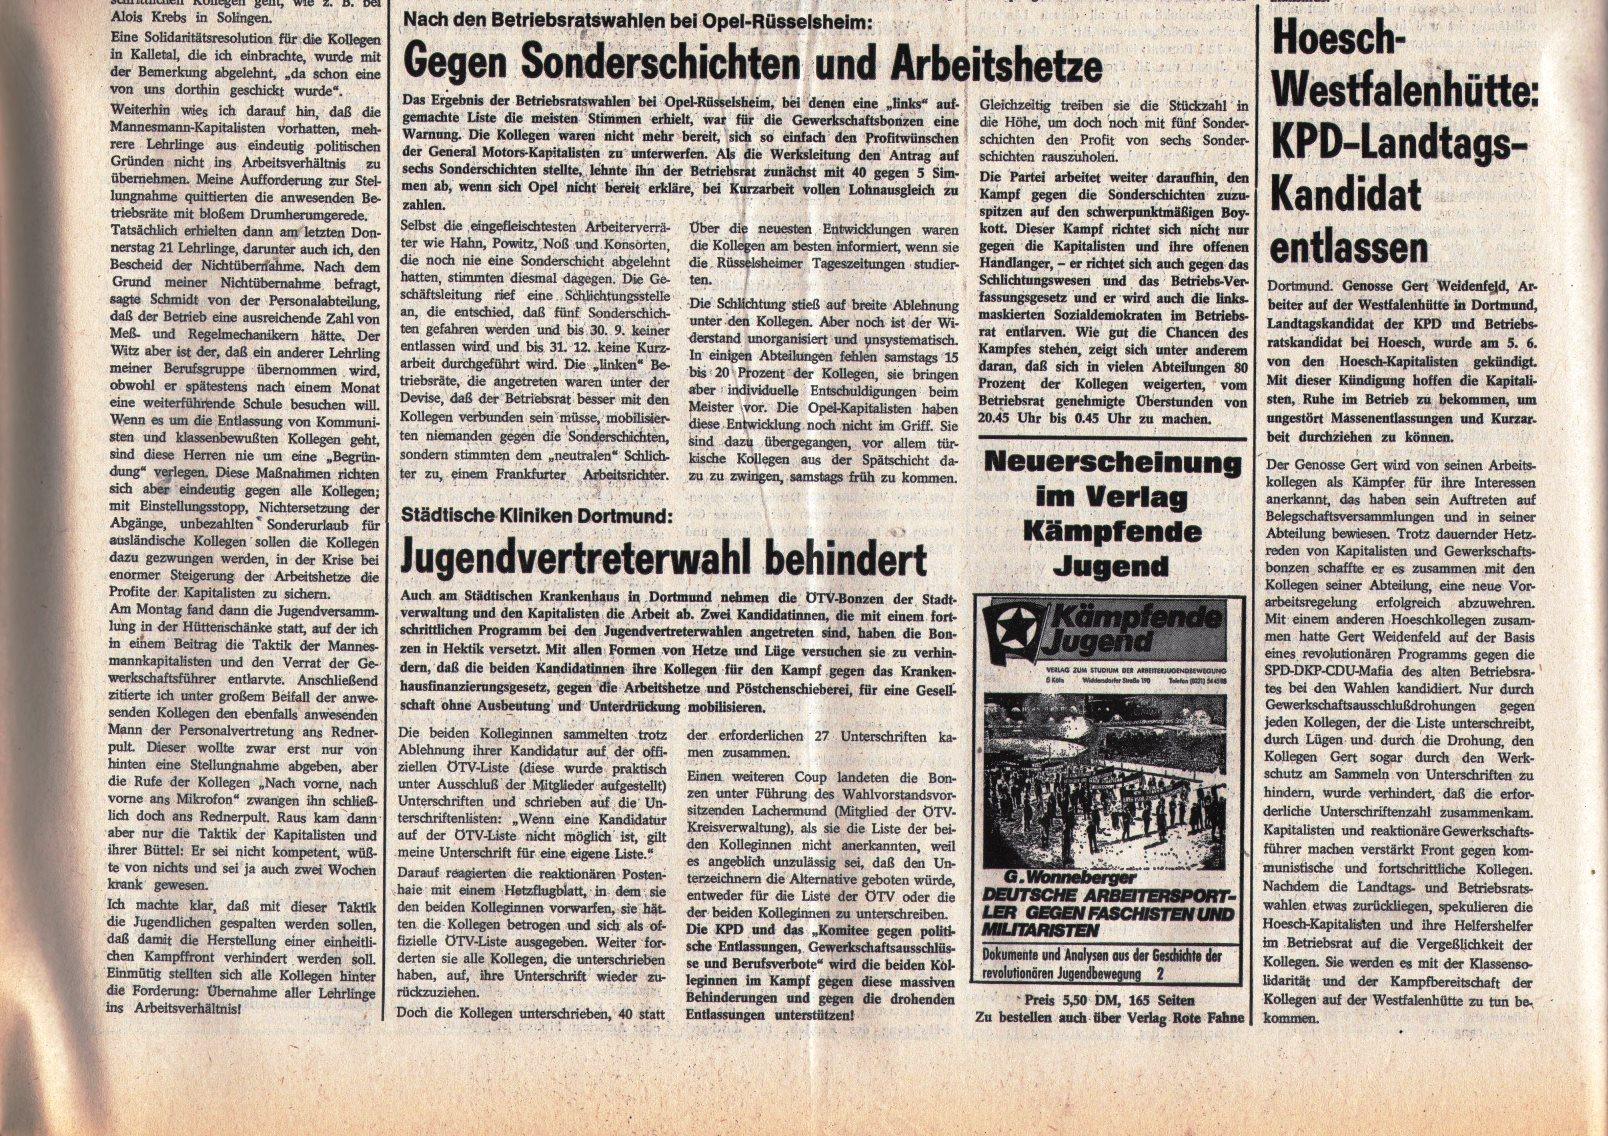 KPD_Rote_Fahne_1975_23_08